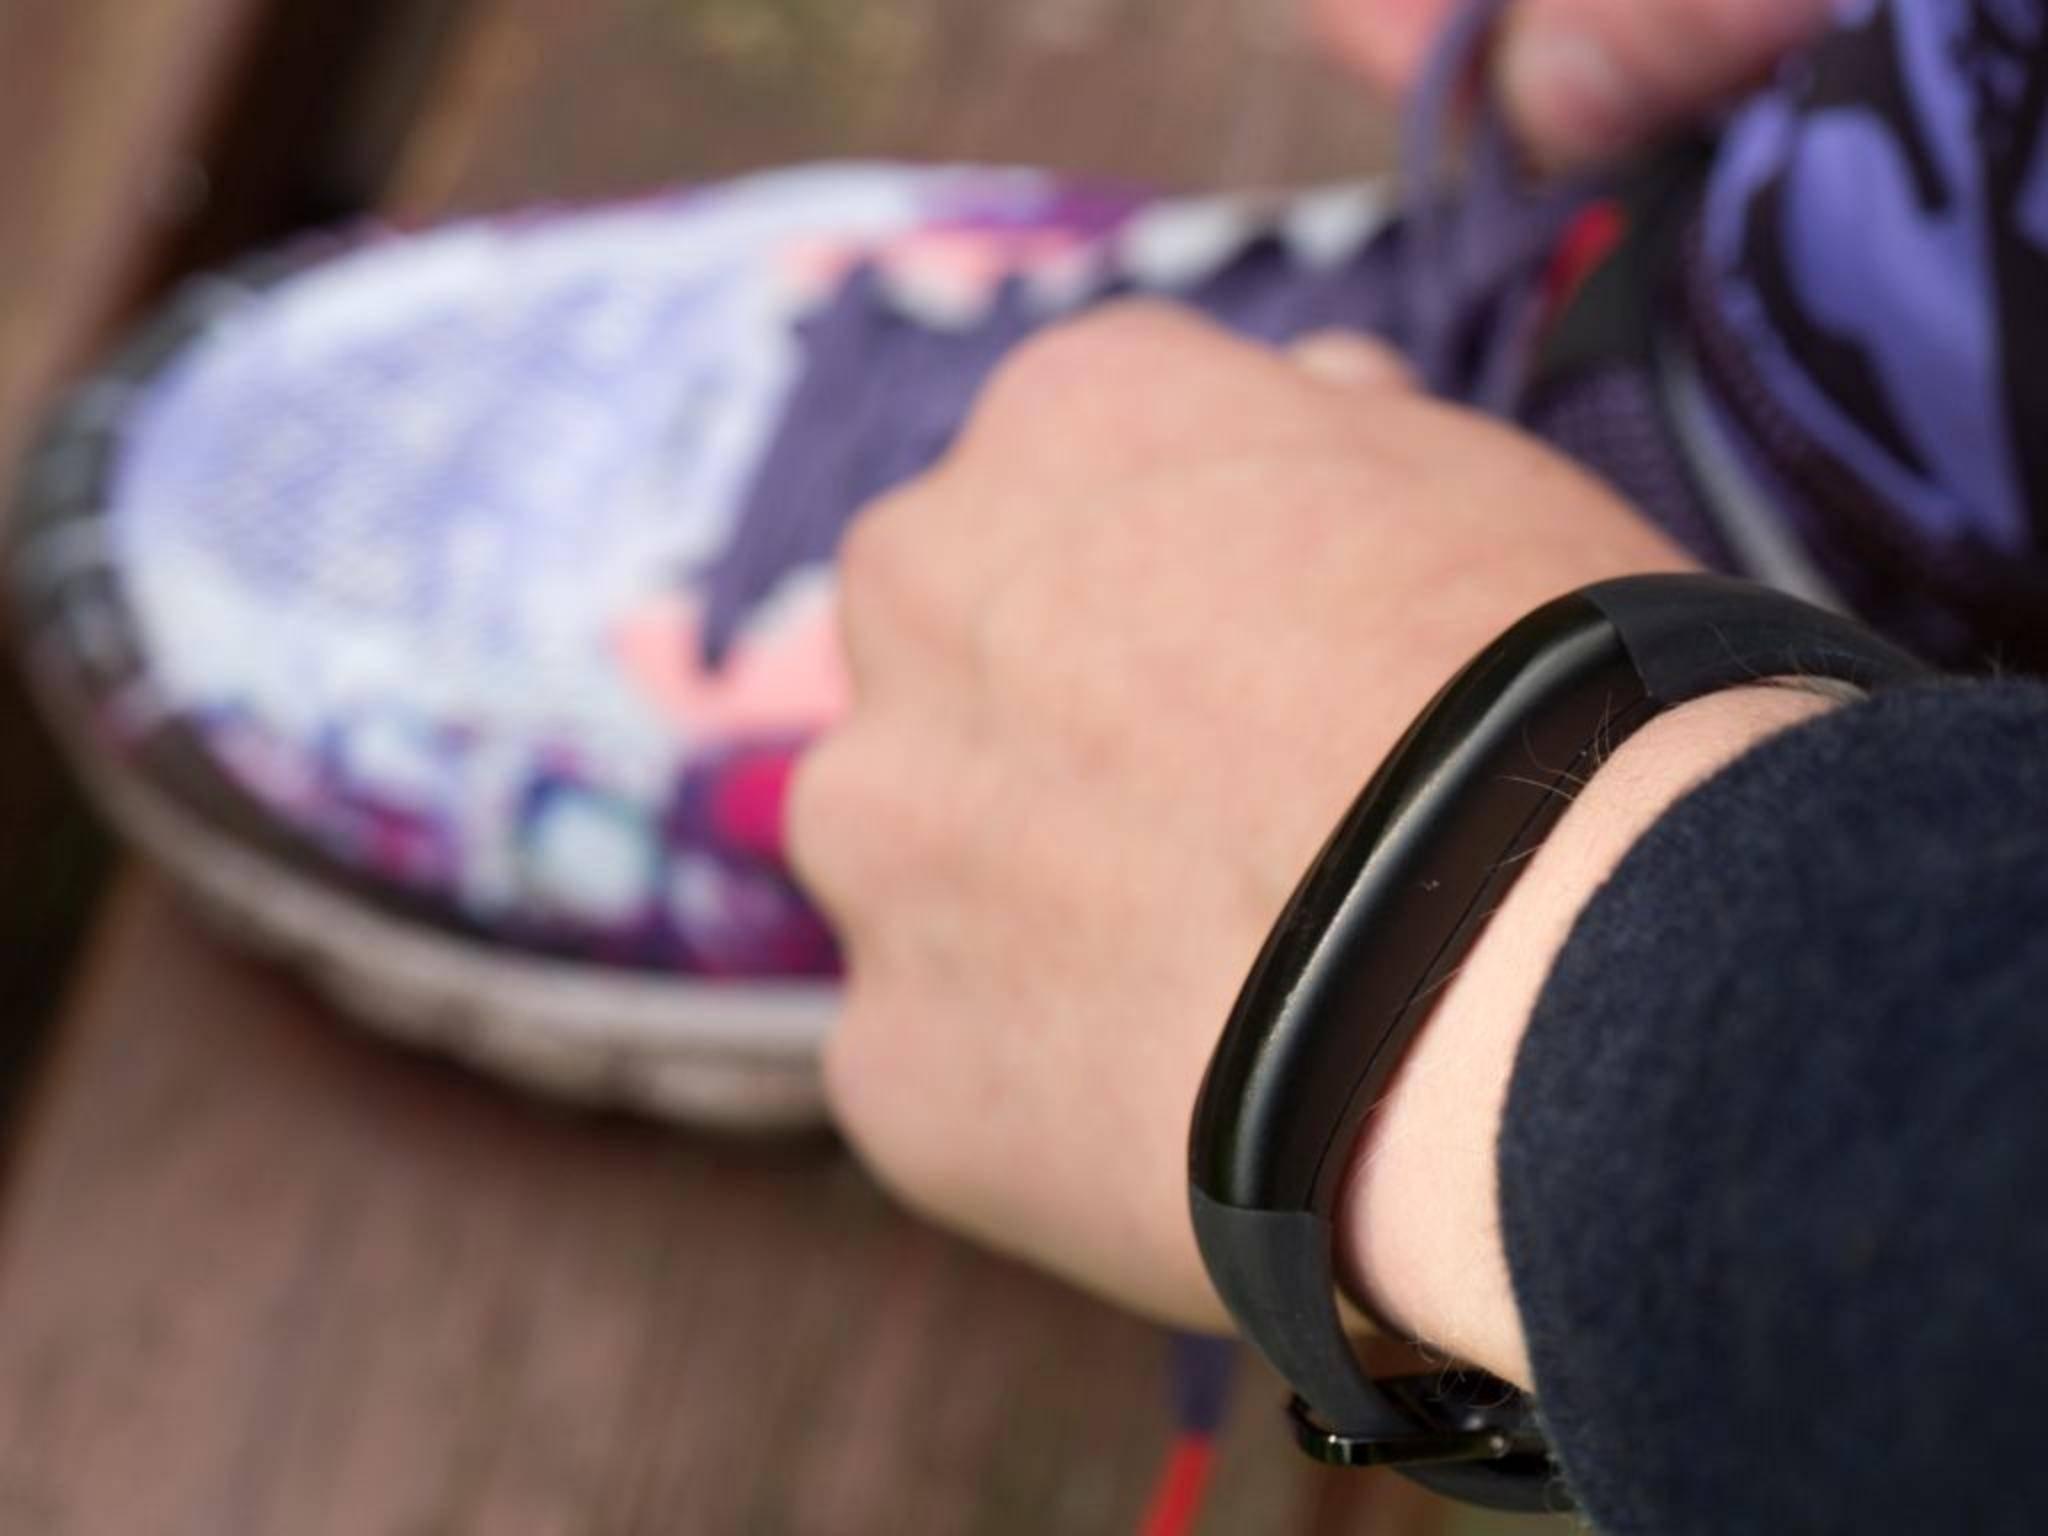 Nicht mehr am Arm, sondern unter der Haut soll das Wearable der Zukunft getragen werden.